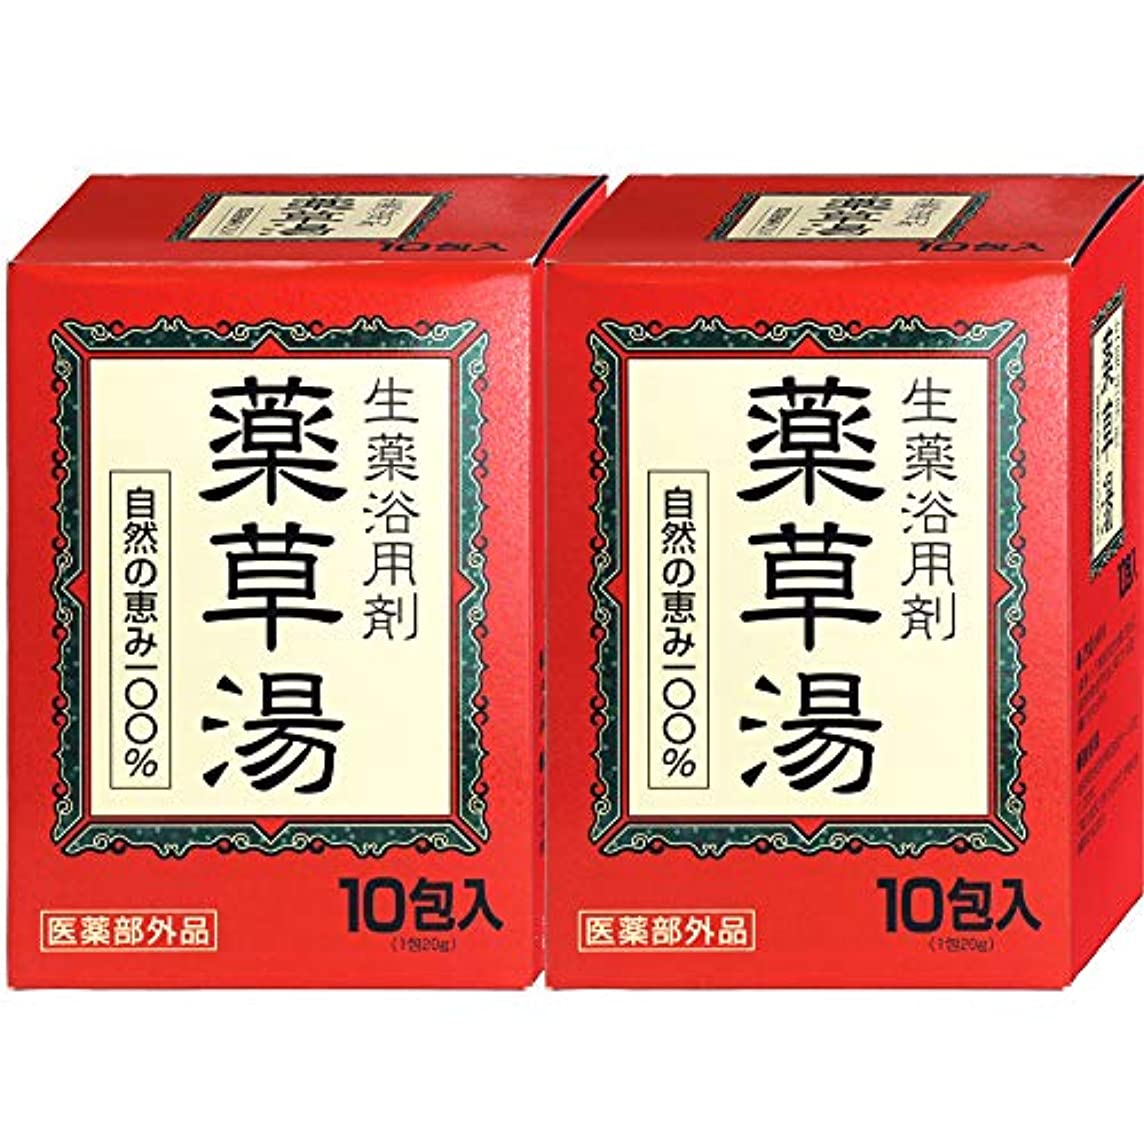 スコア好意復讐薬草湯 生薬浴用剤 10包入 【2個セット】自然の恵み100% 医薬部外品